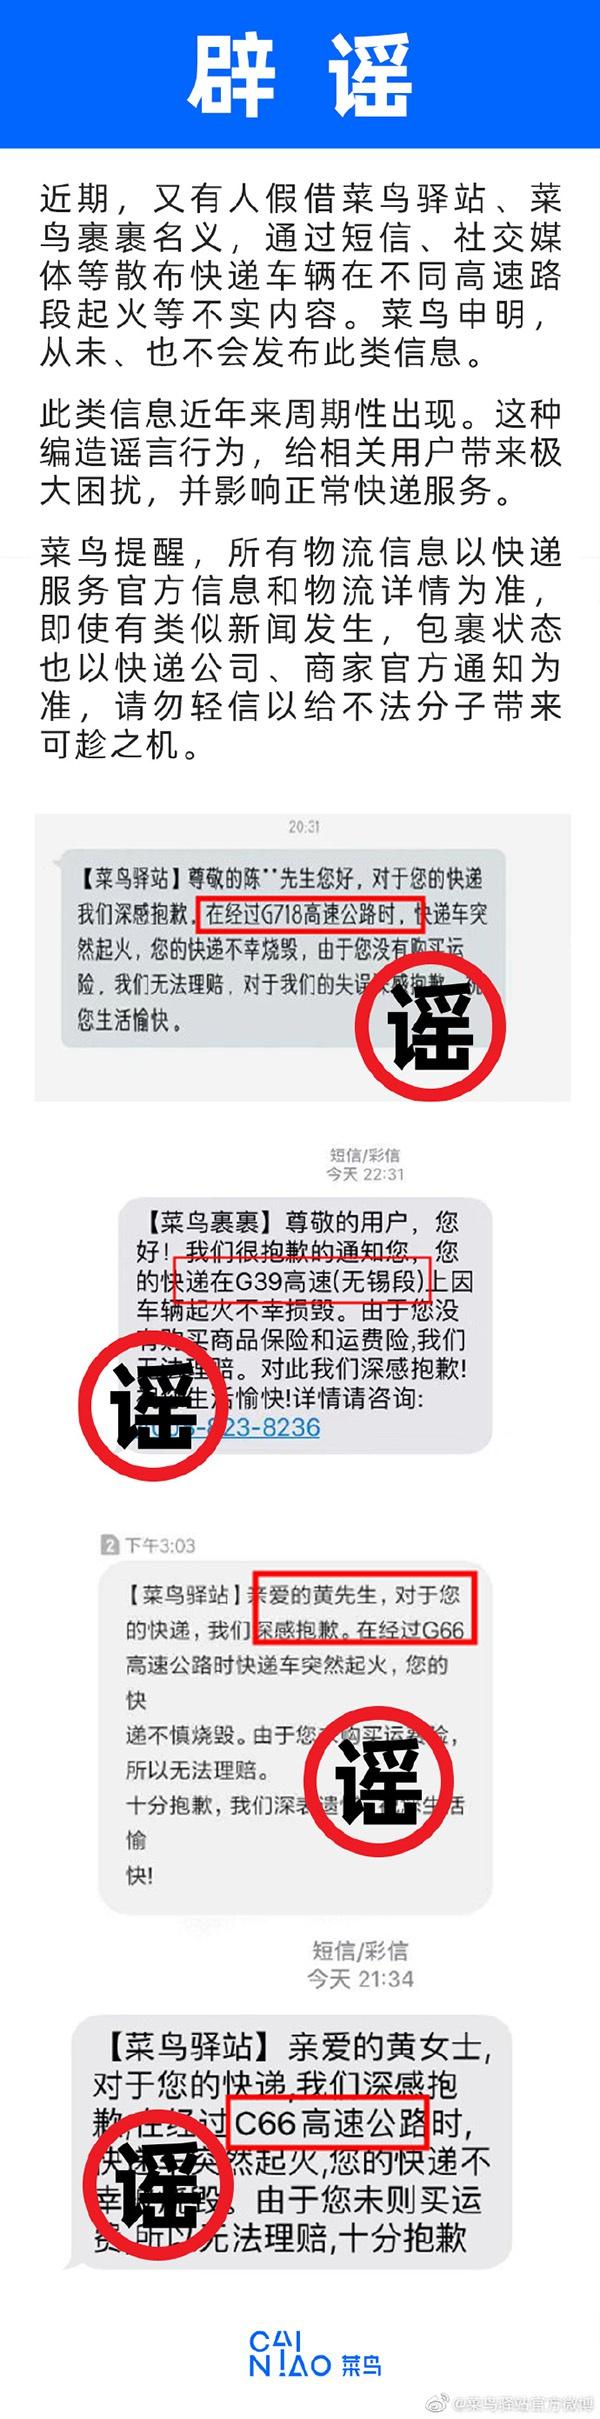 微博@菜鸟驿站官ㄨ方微博 图